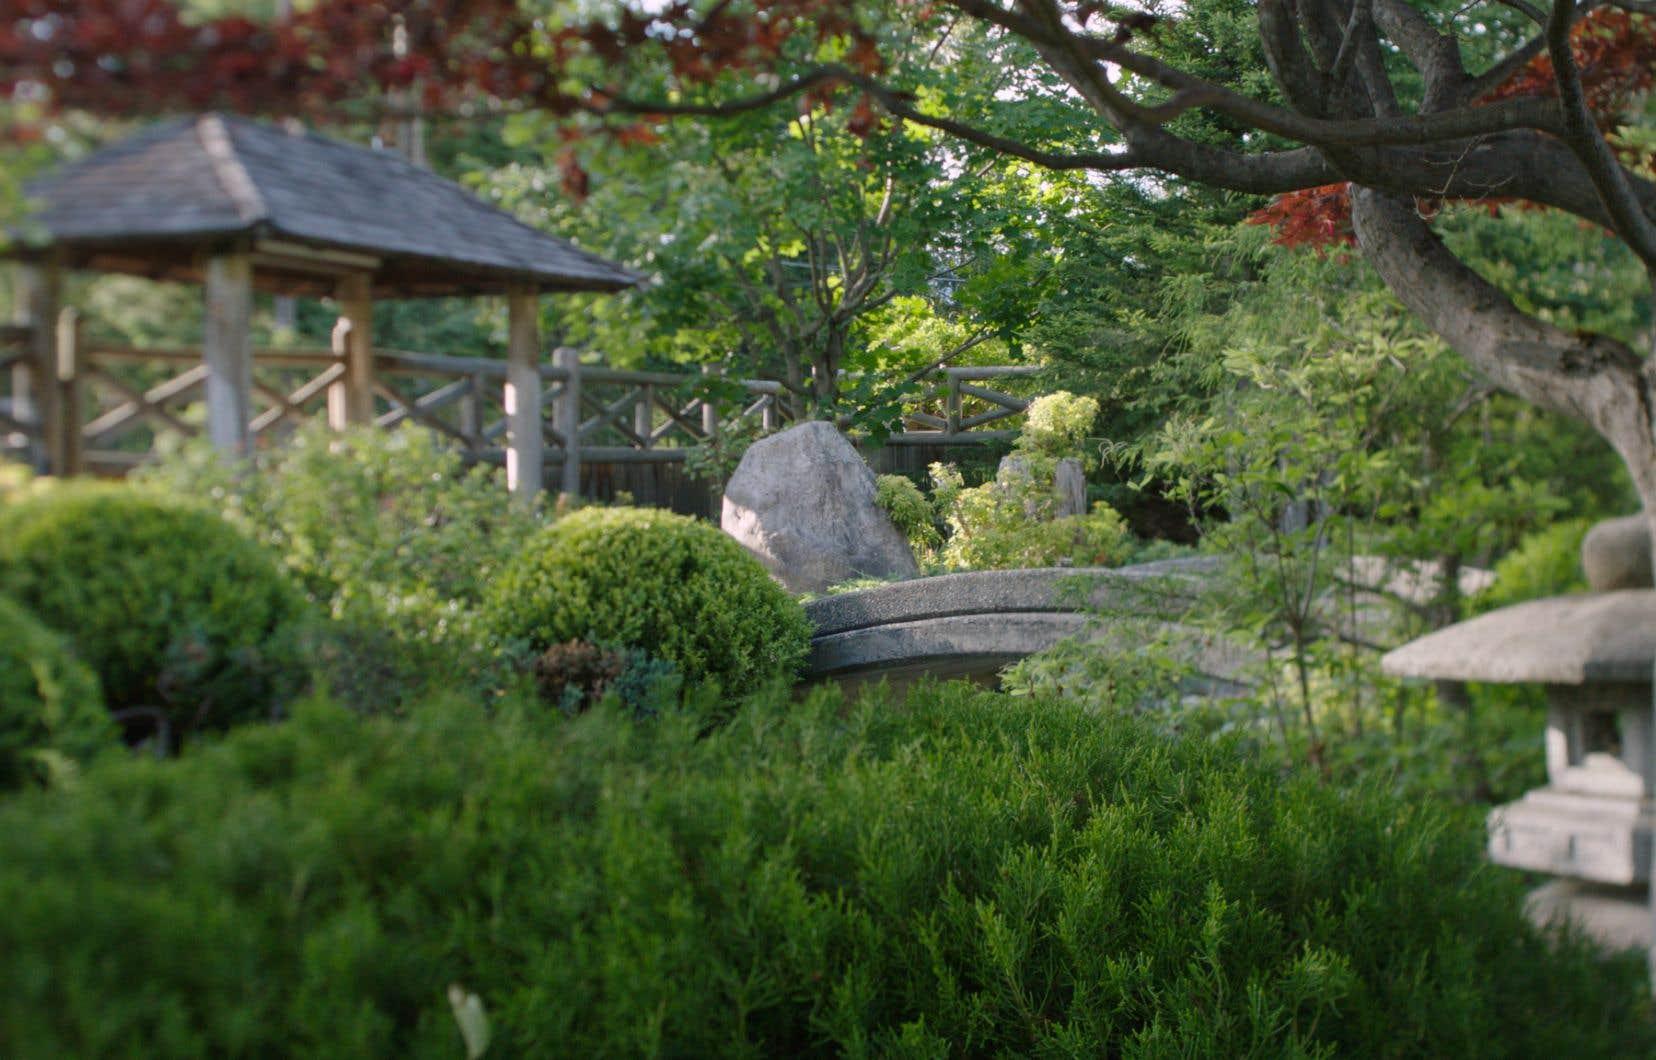 Transmuter sa peine en un magnifique jardin japonais, c'est la façon dont les rescapés de ces camps ont décidé d'exorciser les mauvais souvenirs.